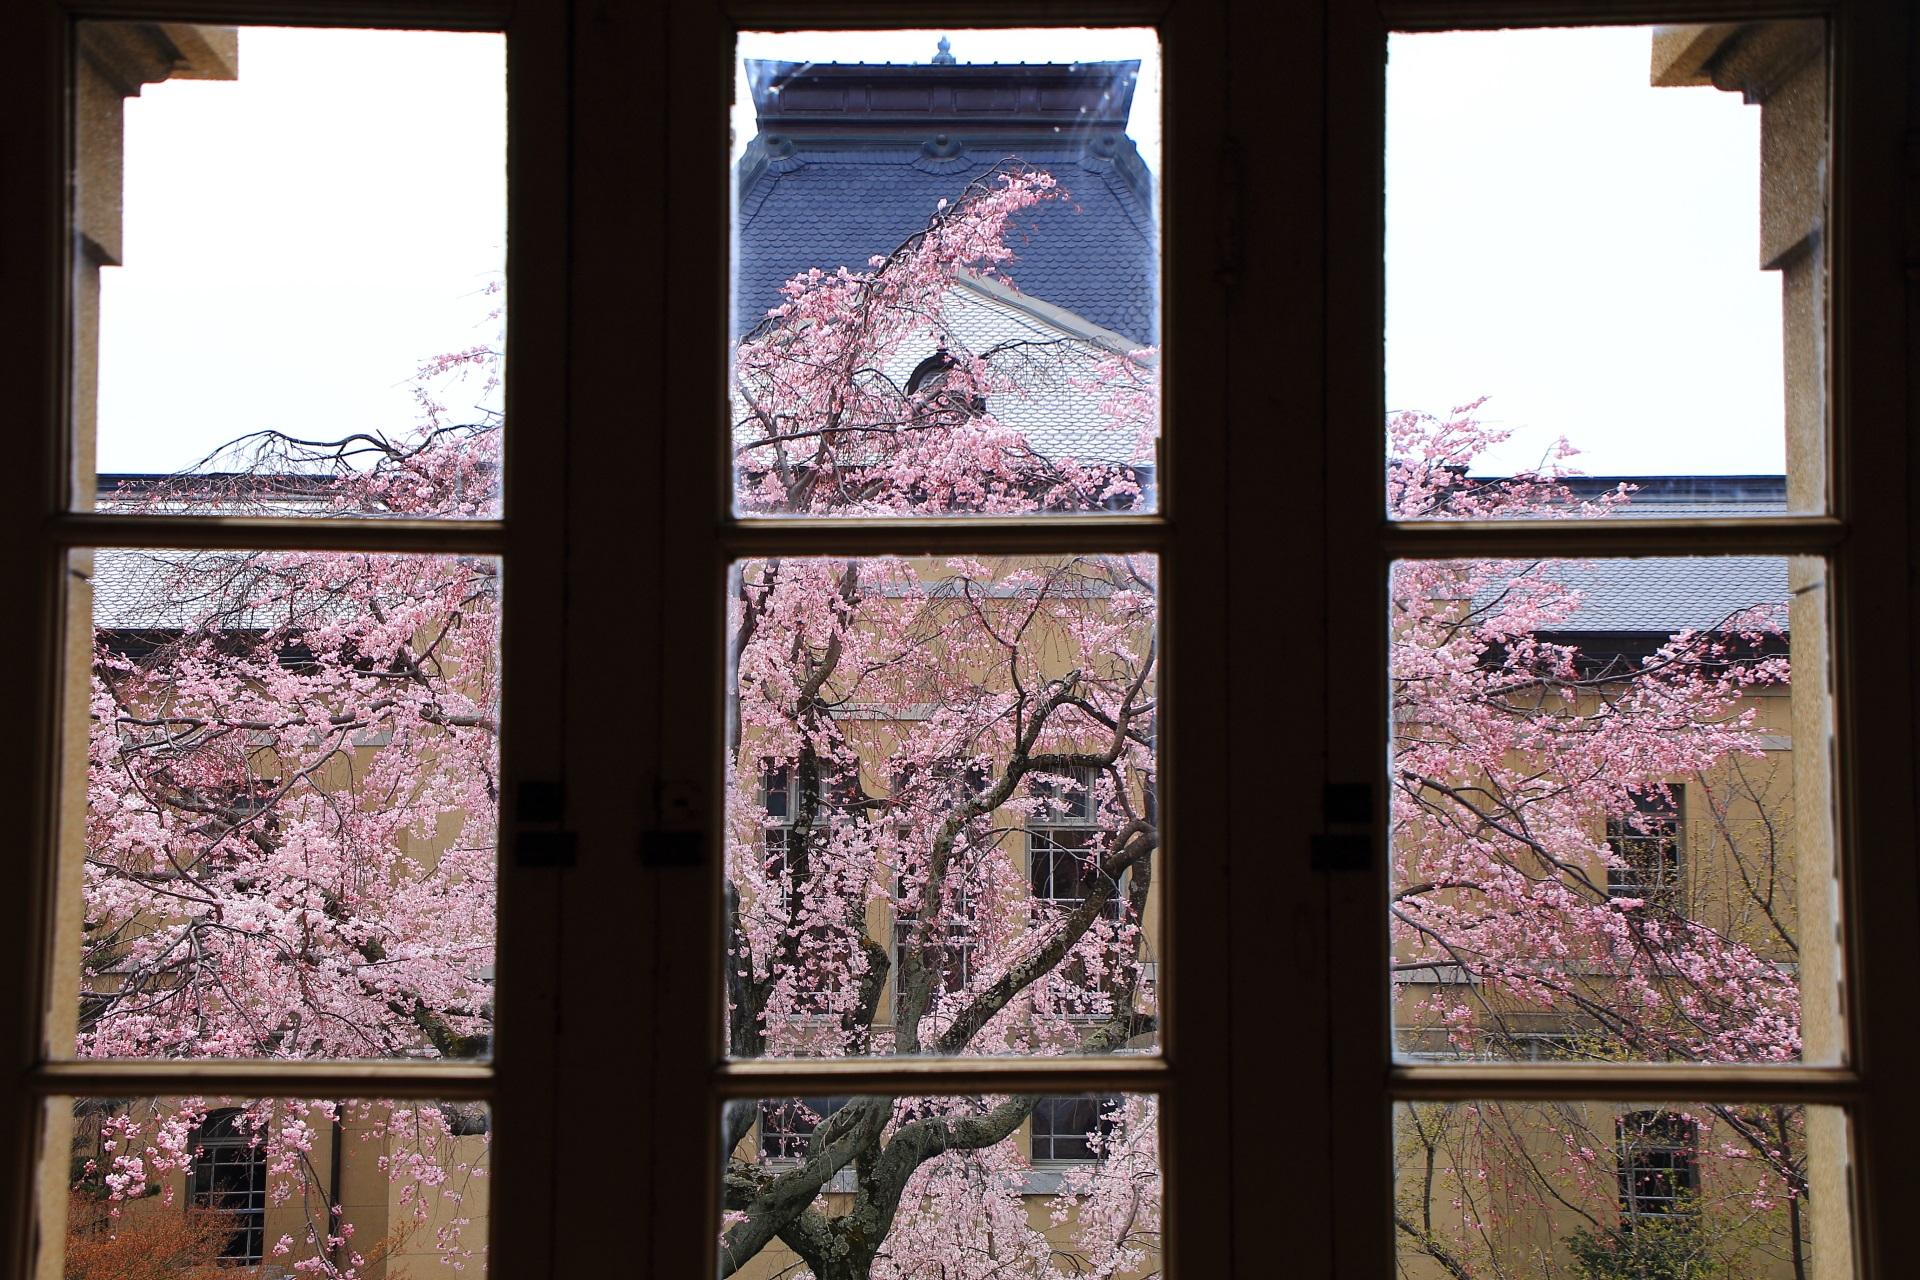 京都府庁旧本館の素晴らしい桜と建物